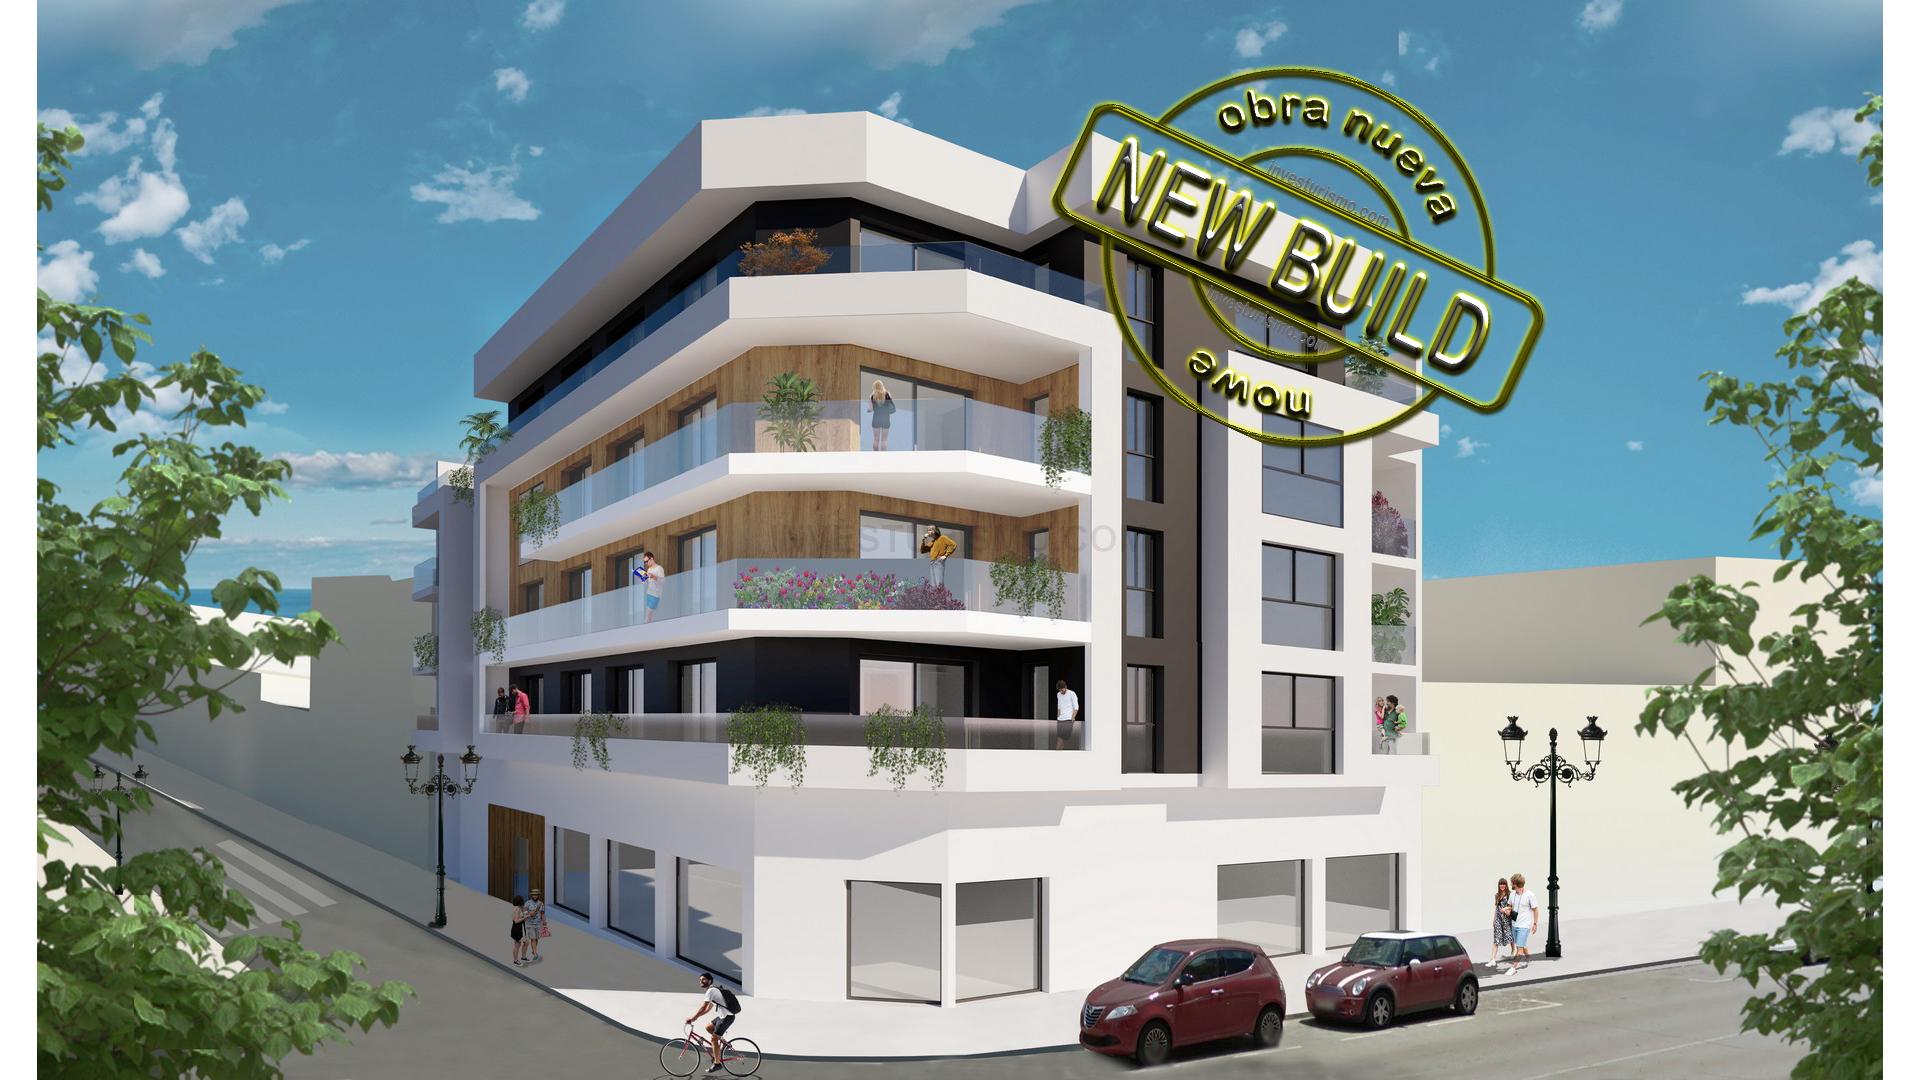 New build villas 3 bedrooms in Guaradamar del Segura